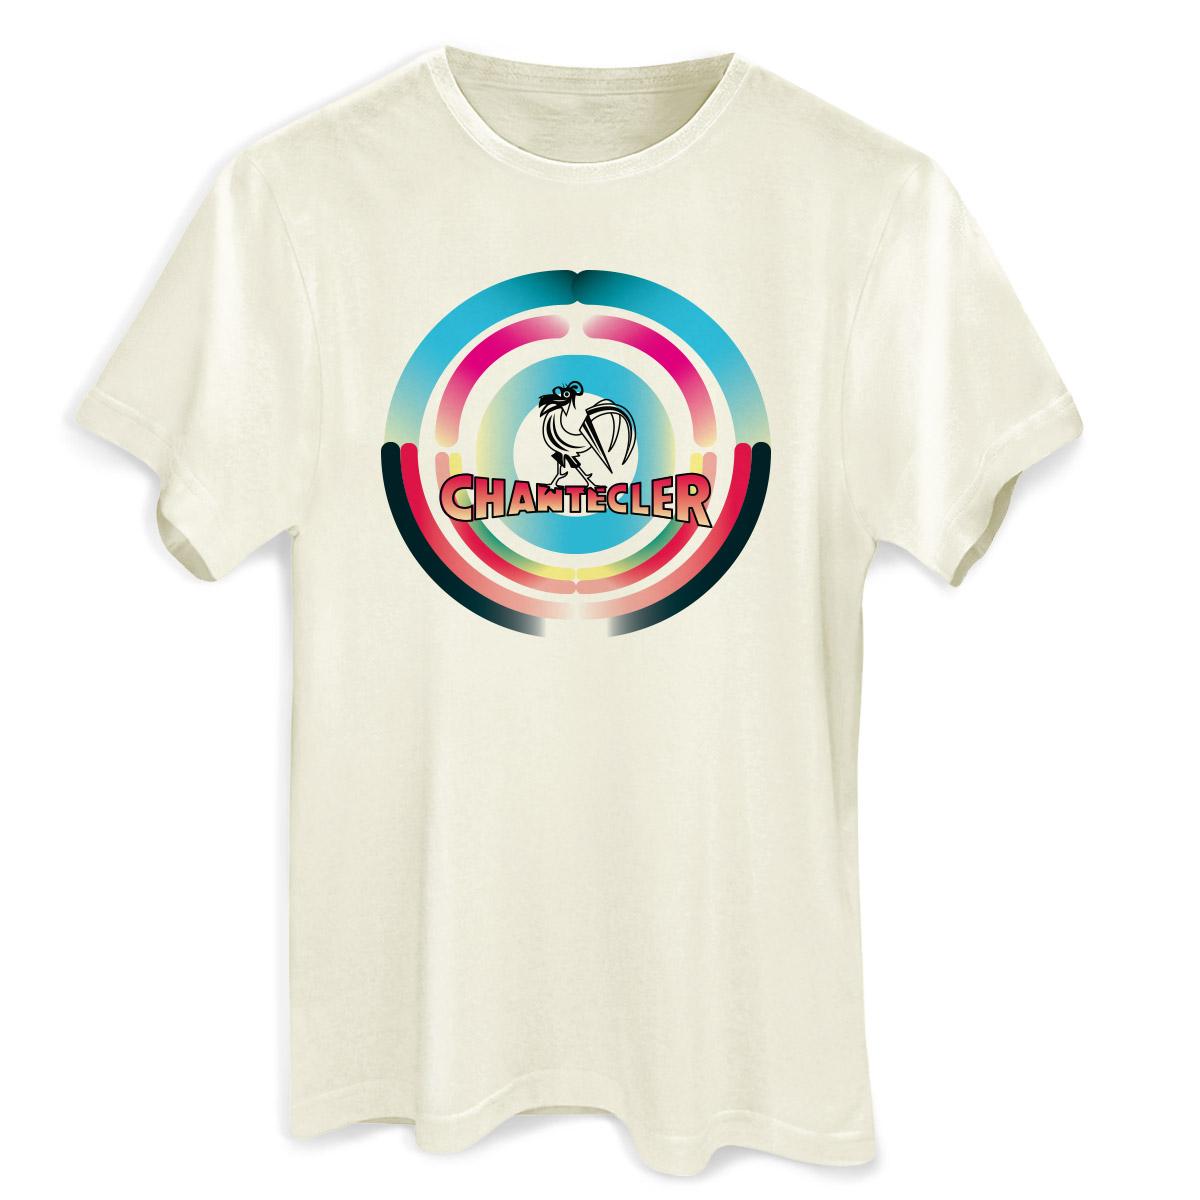 Camiseta Masculina Chantecler 11